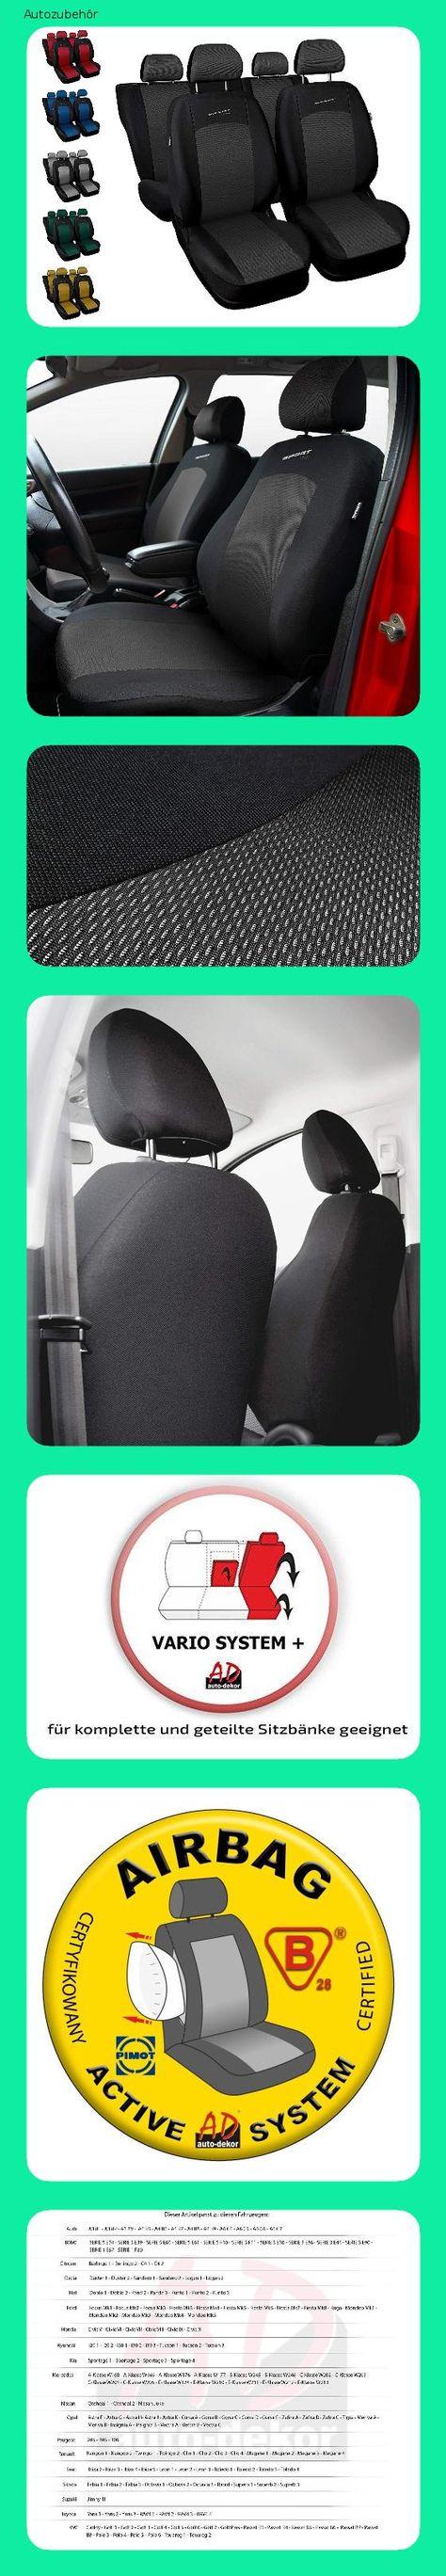 Sport Line Sitzbez/üge Auto universal Set Autositzbez/üge Schonbez/üge schwarz-grau Vordersitze und R/ücksitze mit Airbag